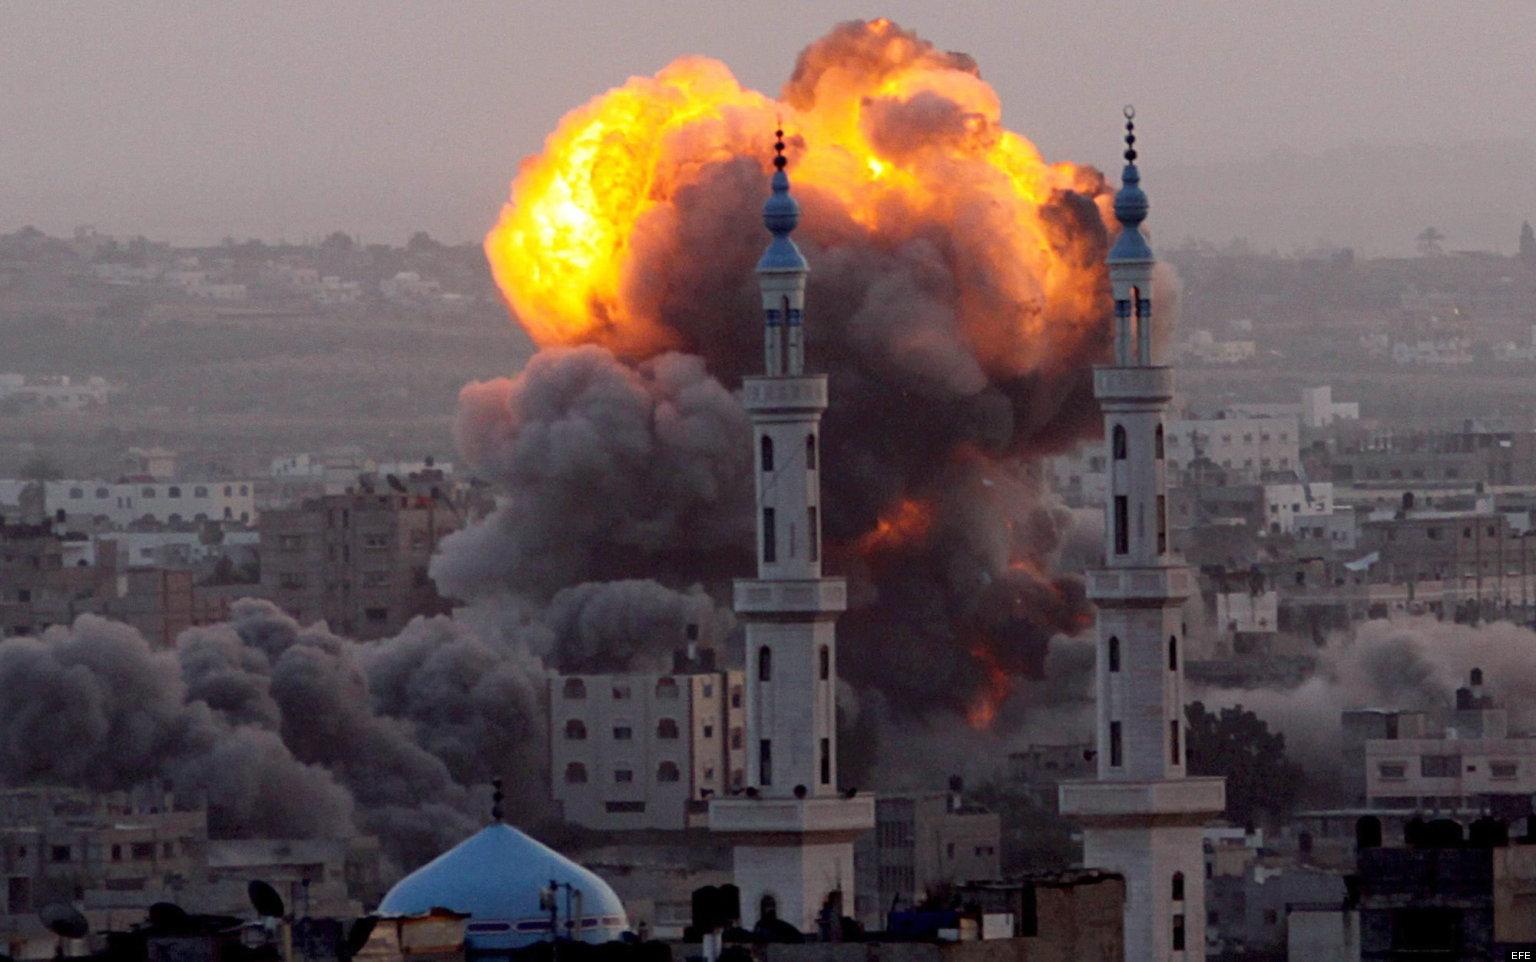 עזה Photo: A Beginner's Guide To The Israel-Palestine Conflict